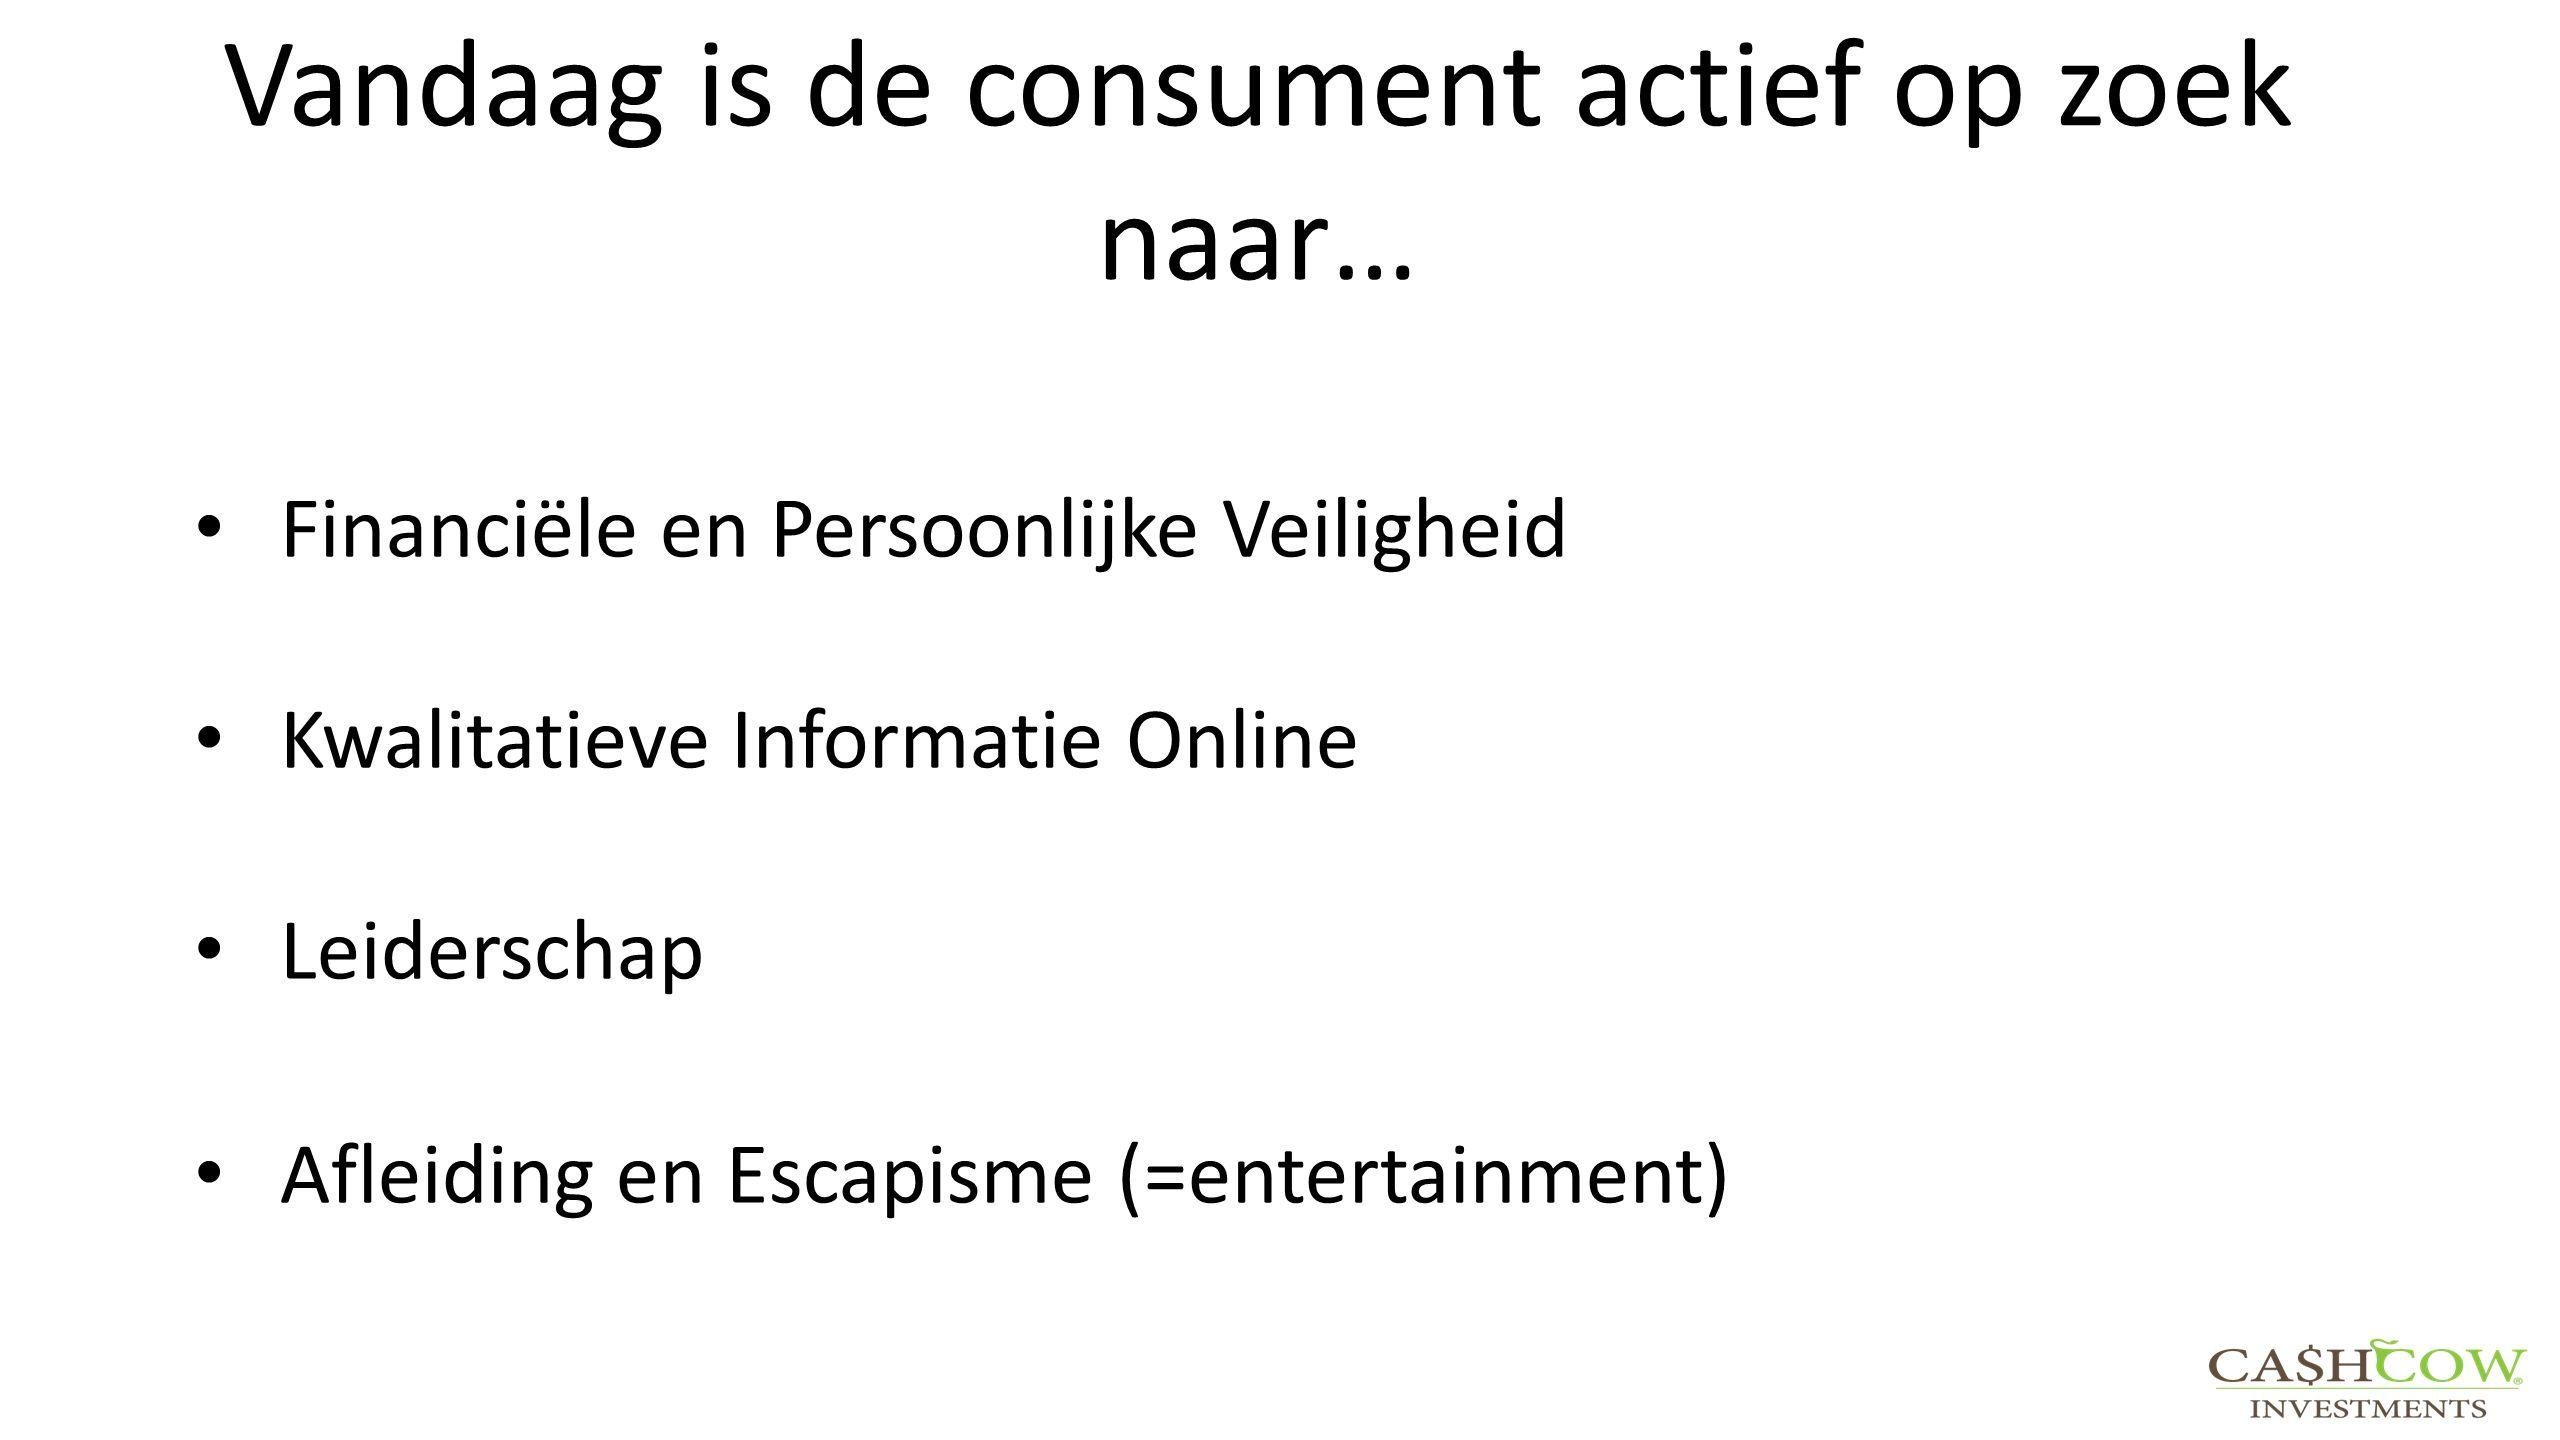 Vandaag is de consument actief op zoek naar… Financiële en Persoonlijke Veiligheid Kwalitatieve Informatie Online Leiderschap Afleiding en Escapisme (=entertainment)